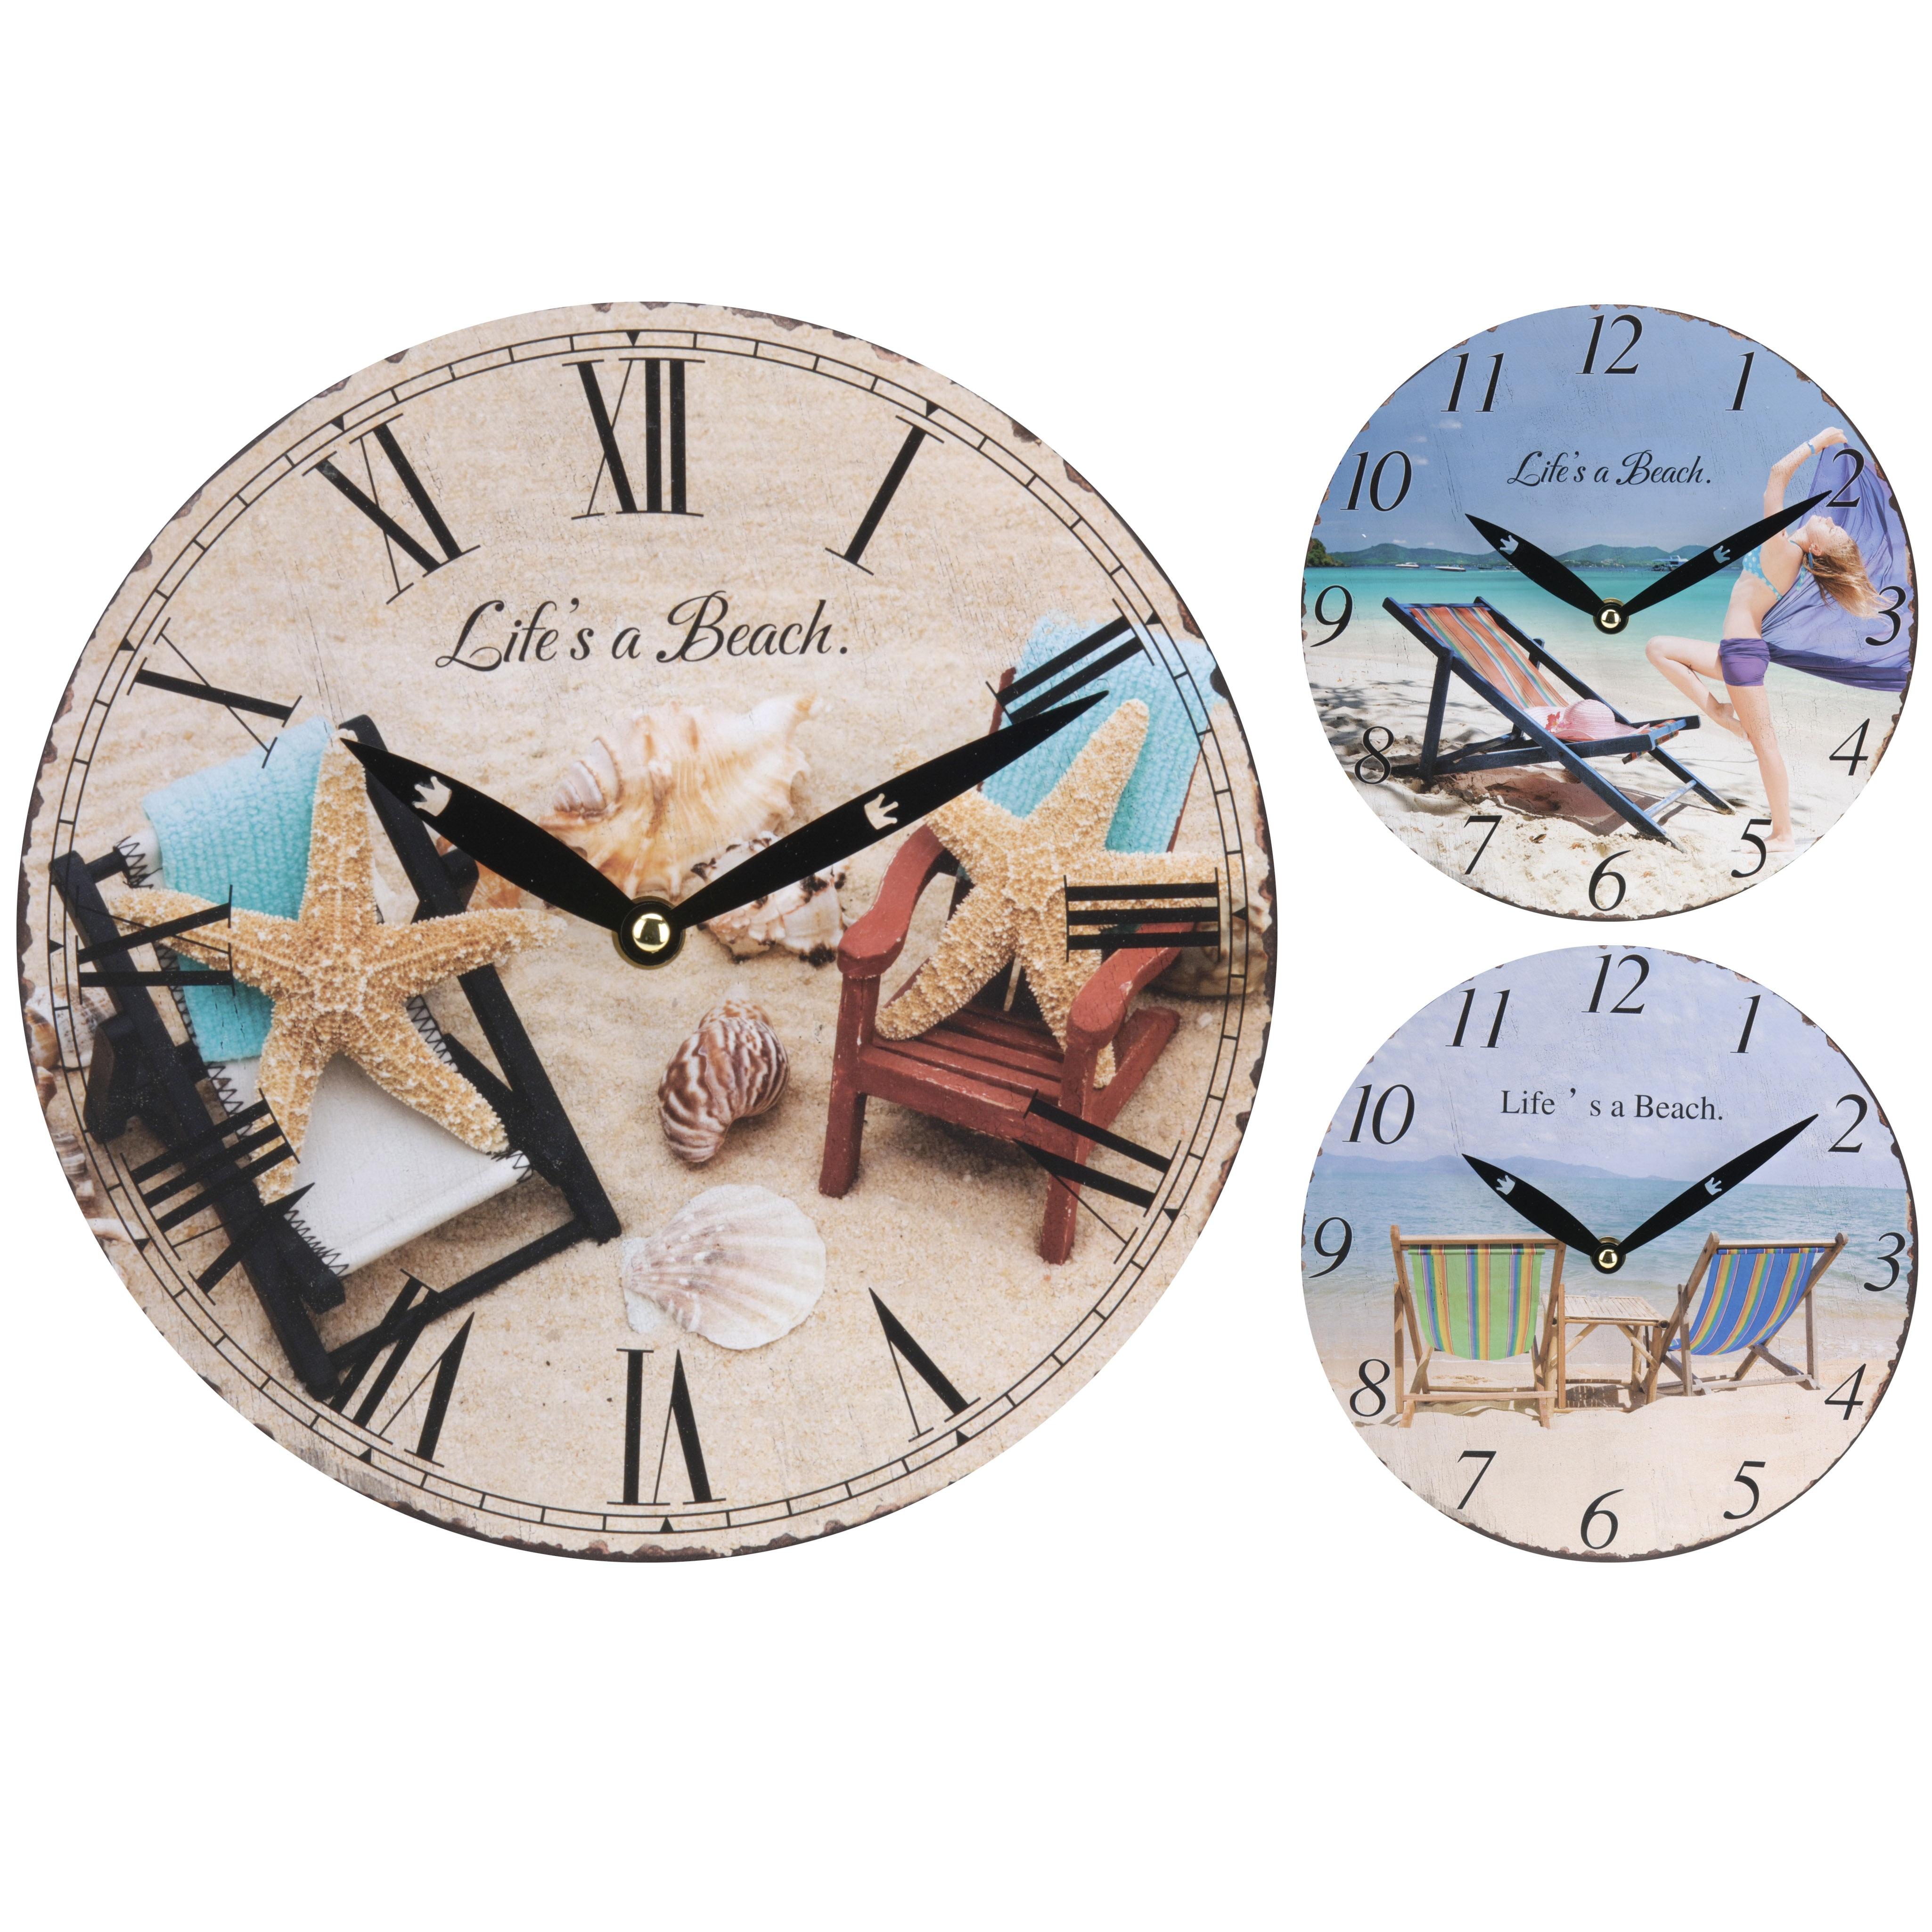 Часы ПляжExcellent Houseware производит посуду и предметы для дома. Часы - это замечательный аксессуар, он позволяет всегда знать точное время, создает уютную атмосферу, а также украшает стены и интерьер в целом. Внимание! Выбрать цвет заранее не представляется возможным.<br>